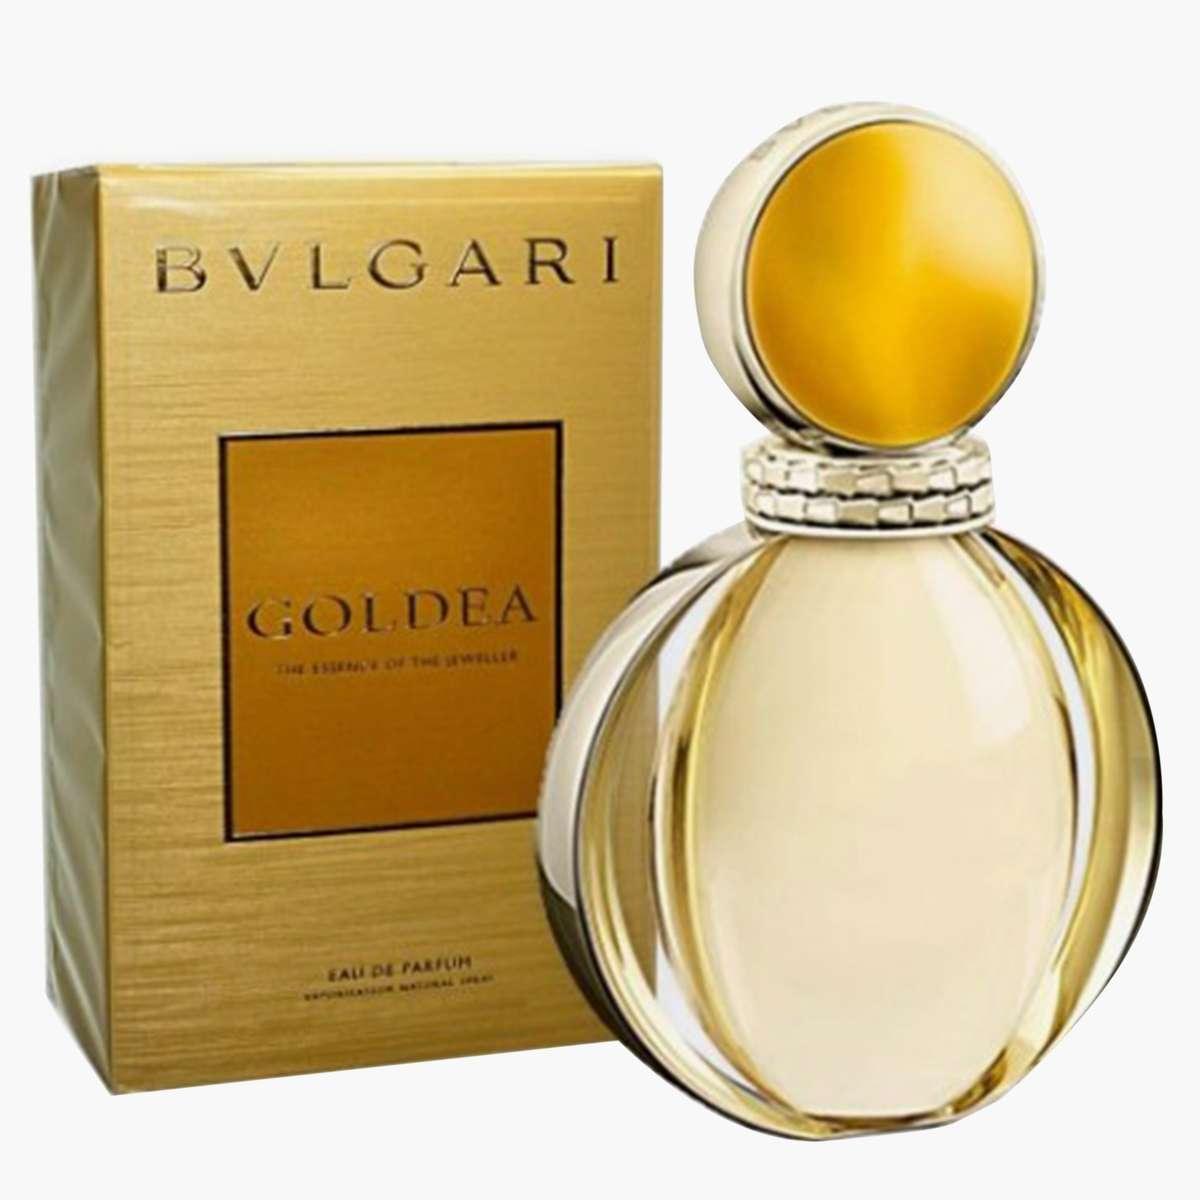 1.BVLGARI Goldea Eau De parfum